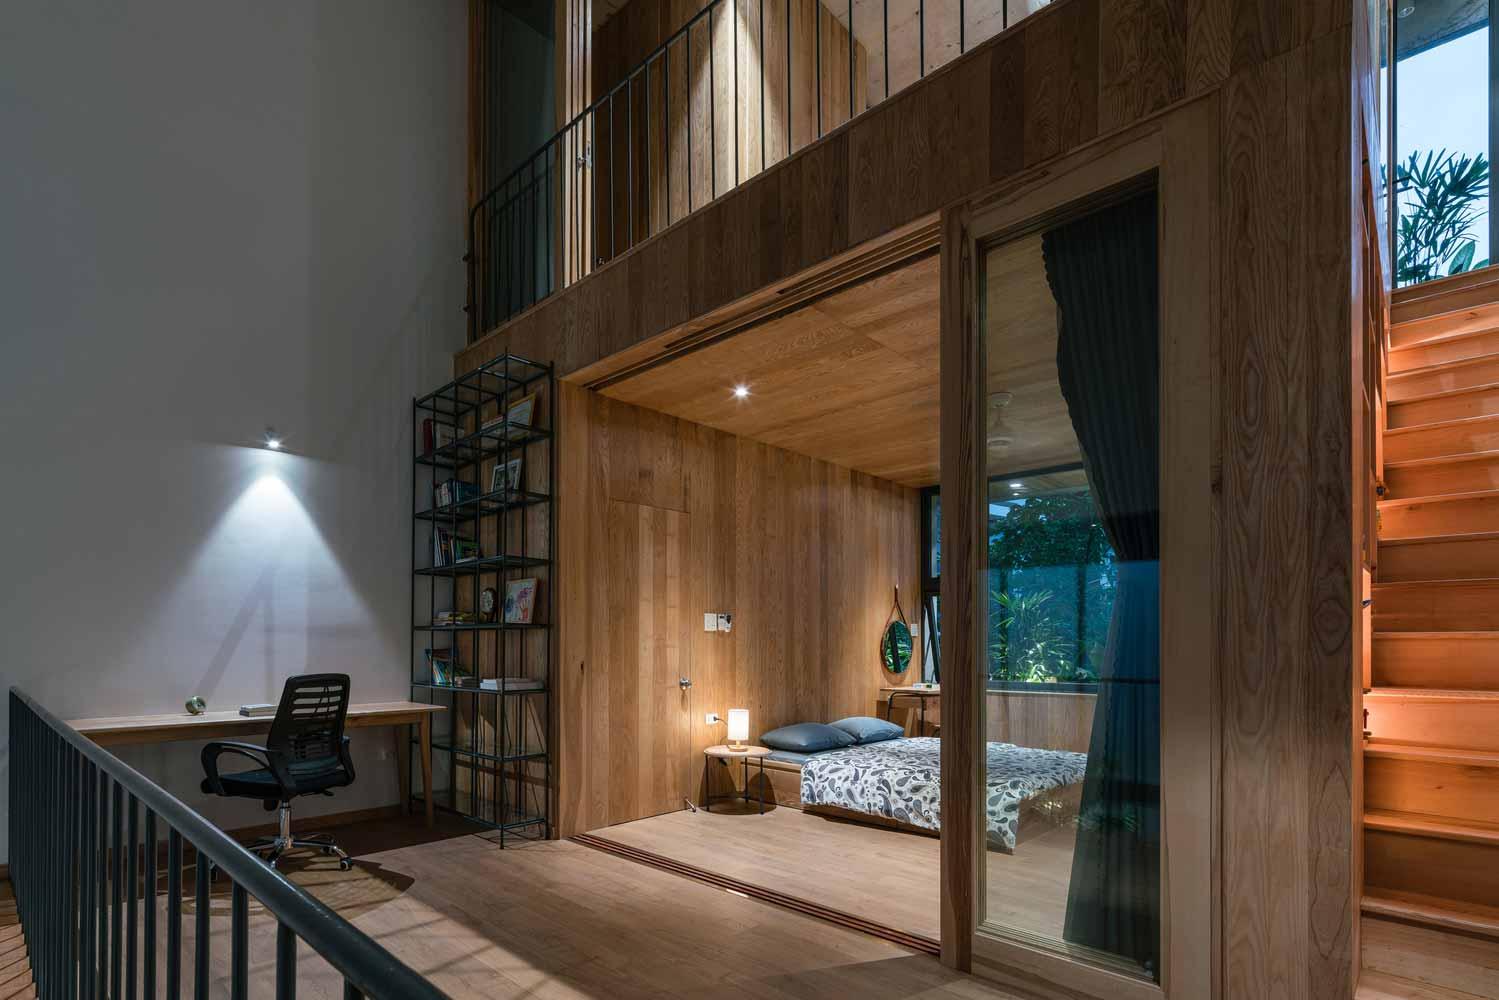 Ruang belajar dan kamar tidur rumah tropis minimalis karya H.a Workshop // archdaily.com